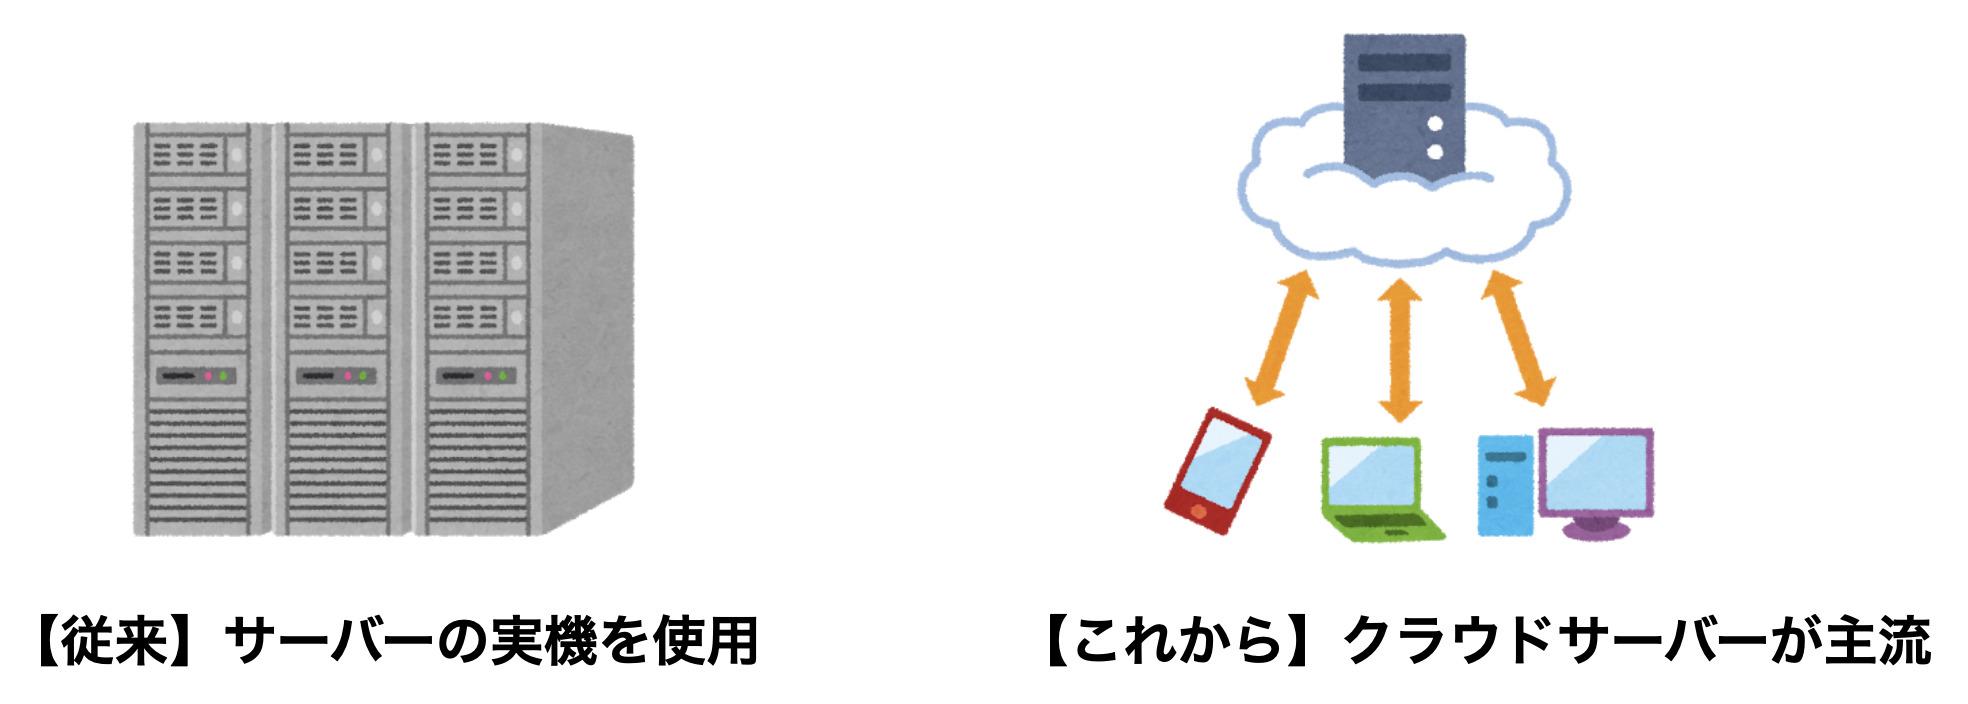 従来型のサーバーとクラウドサーバー